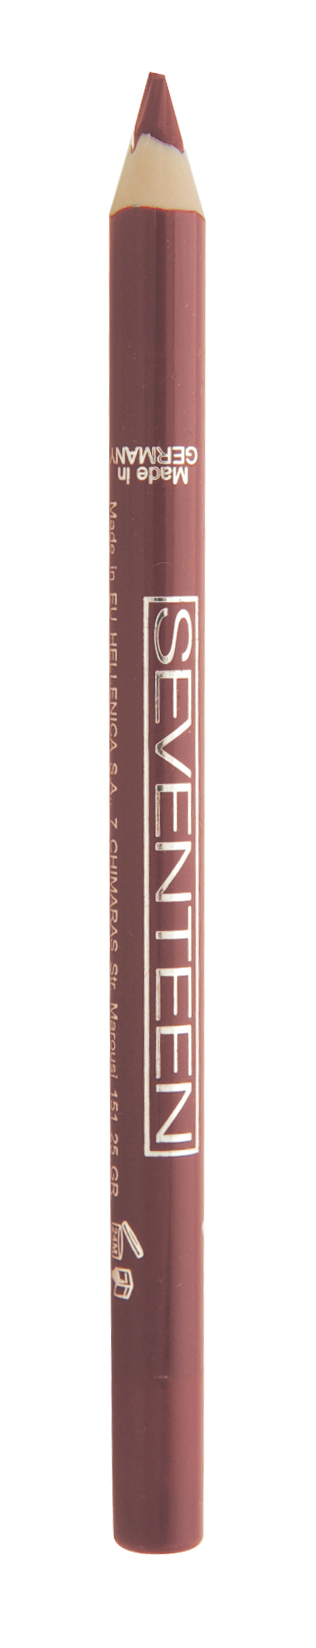 SEVENTEEN Карандаш водостойкий с витамином Е для губ, 02 розовый / Super Smooth W/P Lip Liner 1,2 г